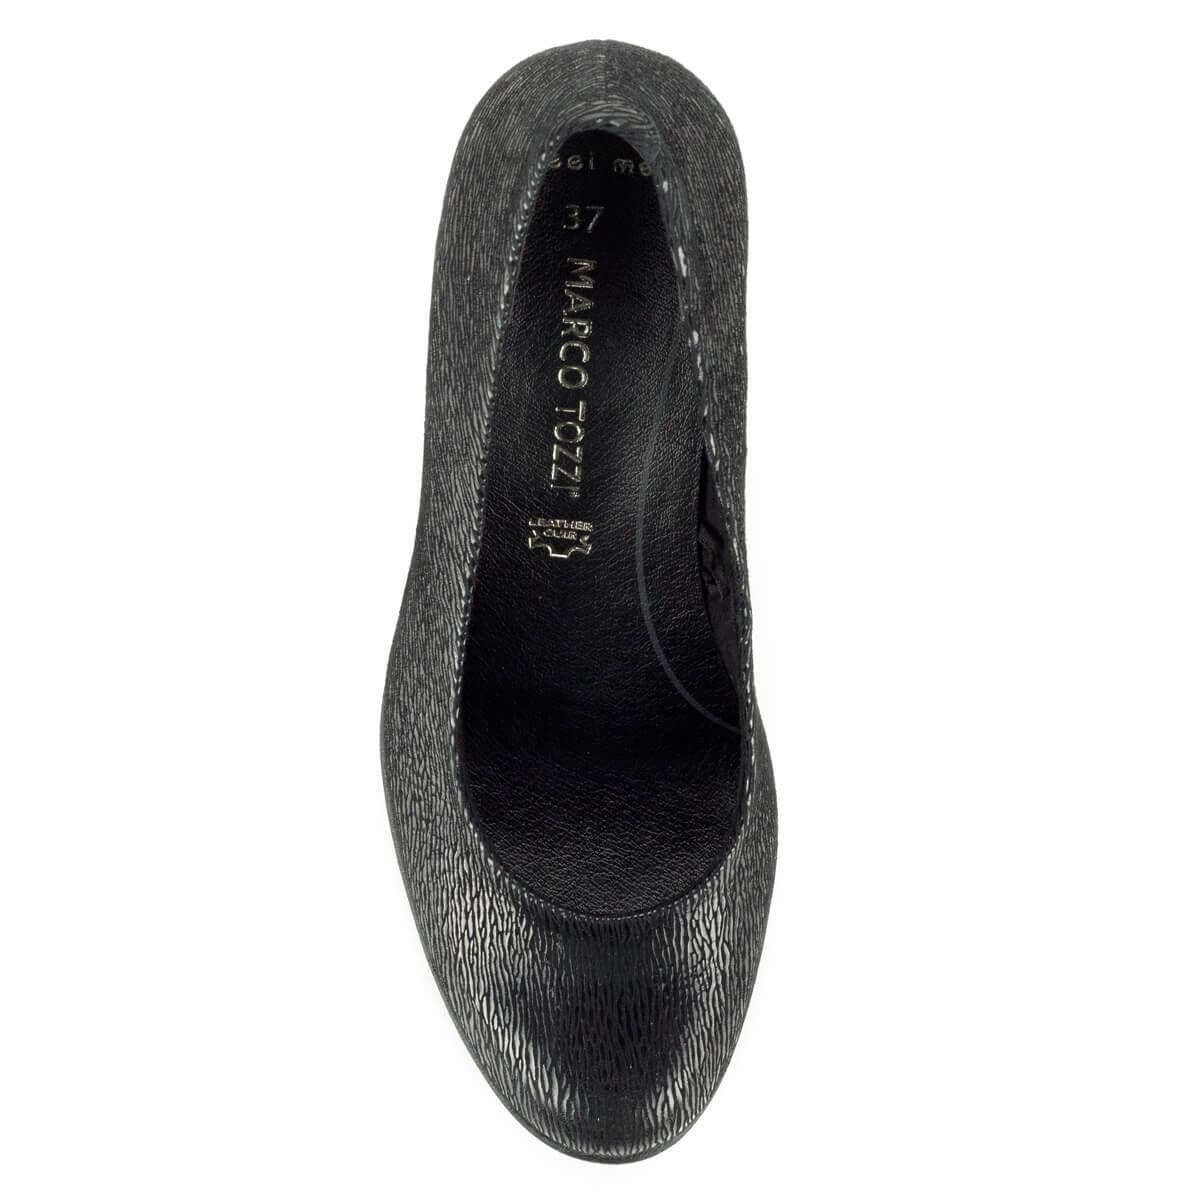 59e225ac46 ... Magas sarkú Marco Tozzi cipő vastag recés gumi talppal, 7,5 cm magas  AntiShokk ...